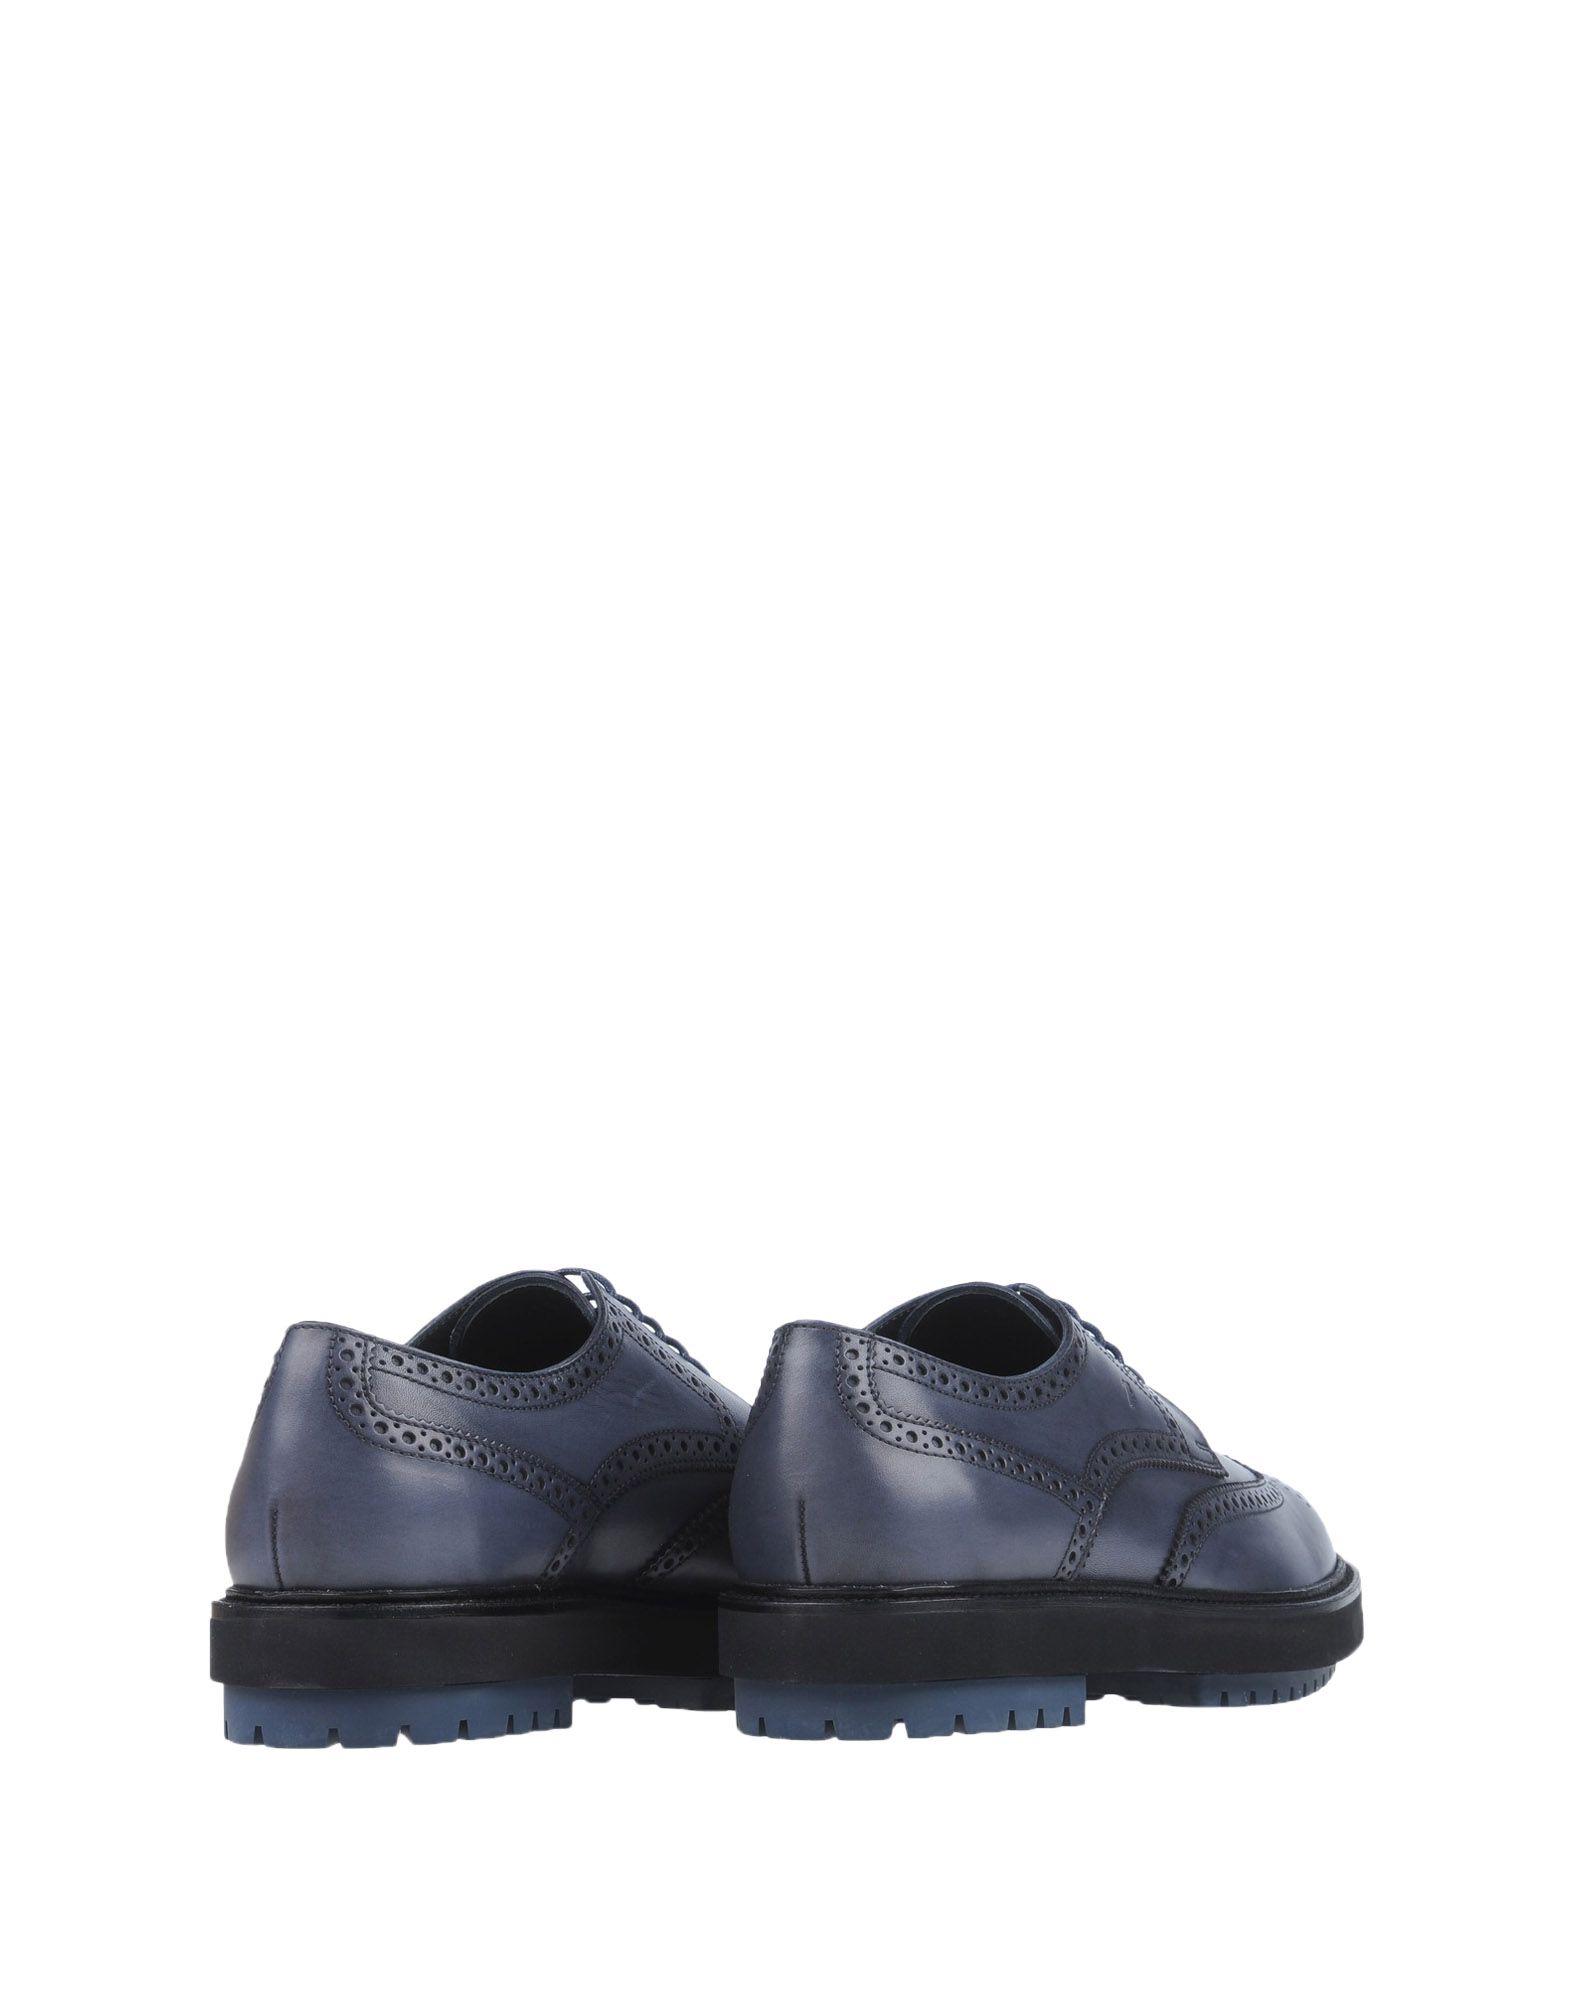 Tod's Schnürschuhe Herren  11349740CN Gute Qualität beliebte Schuhe